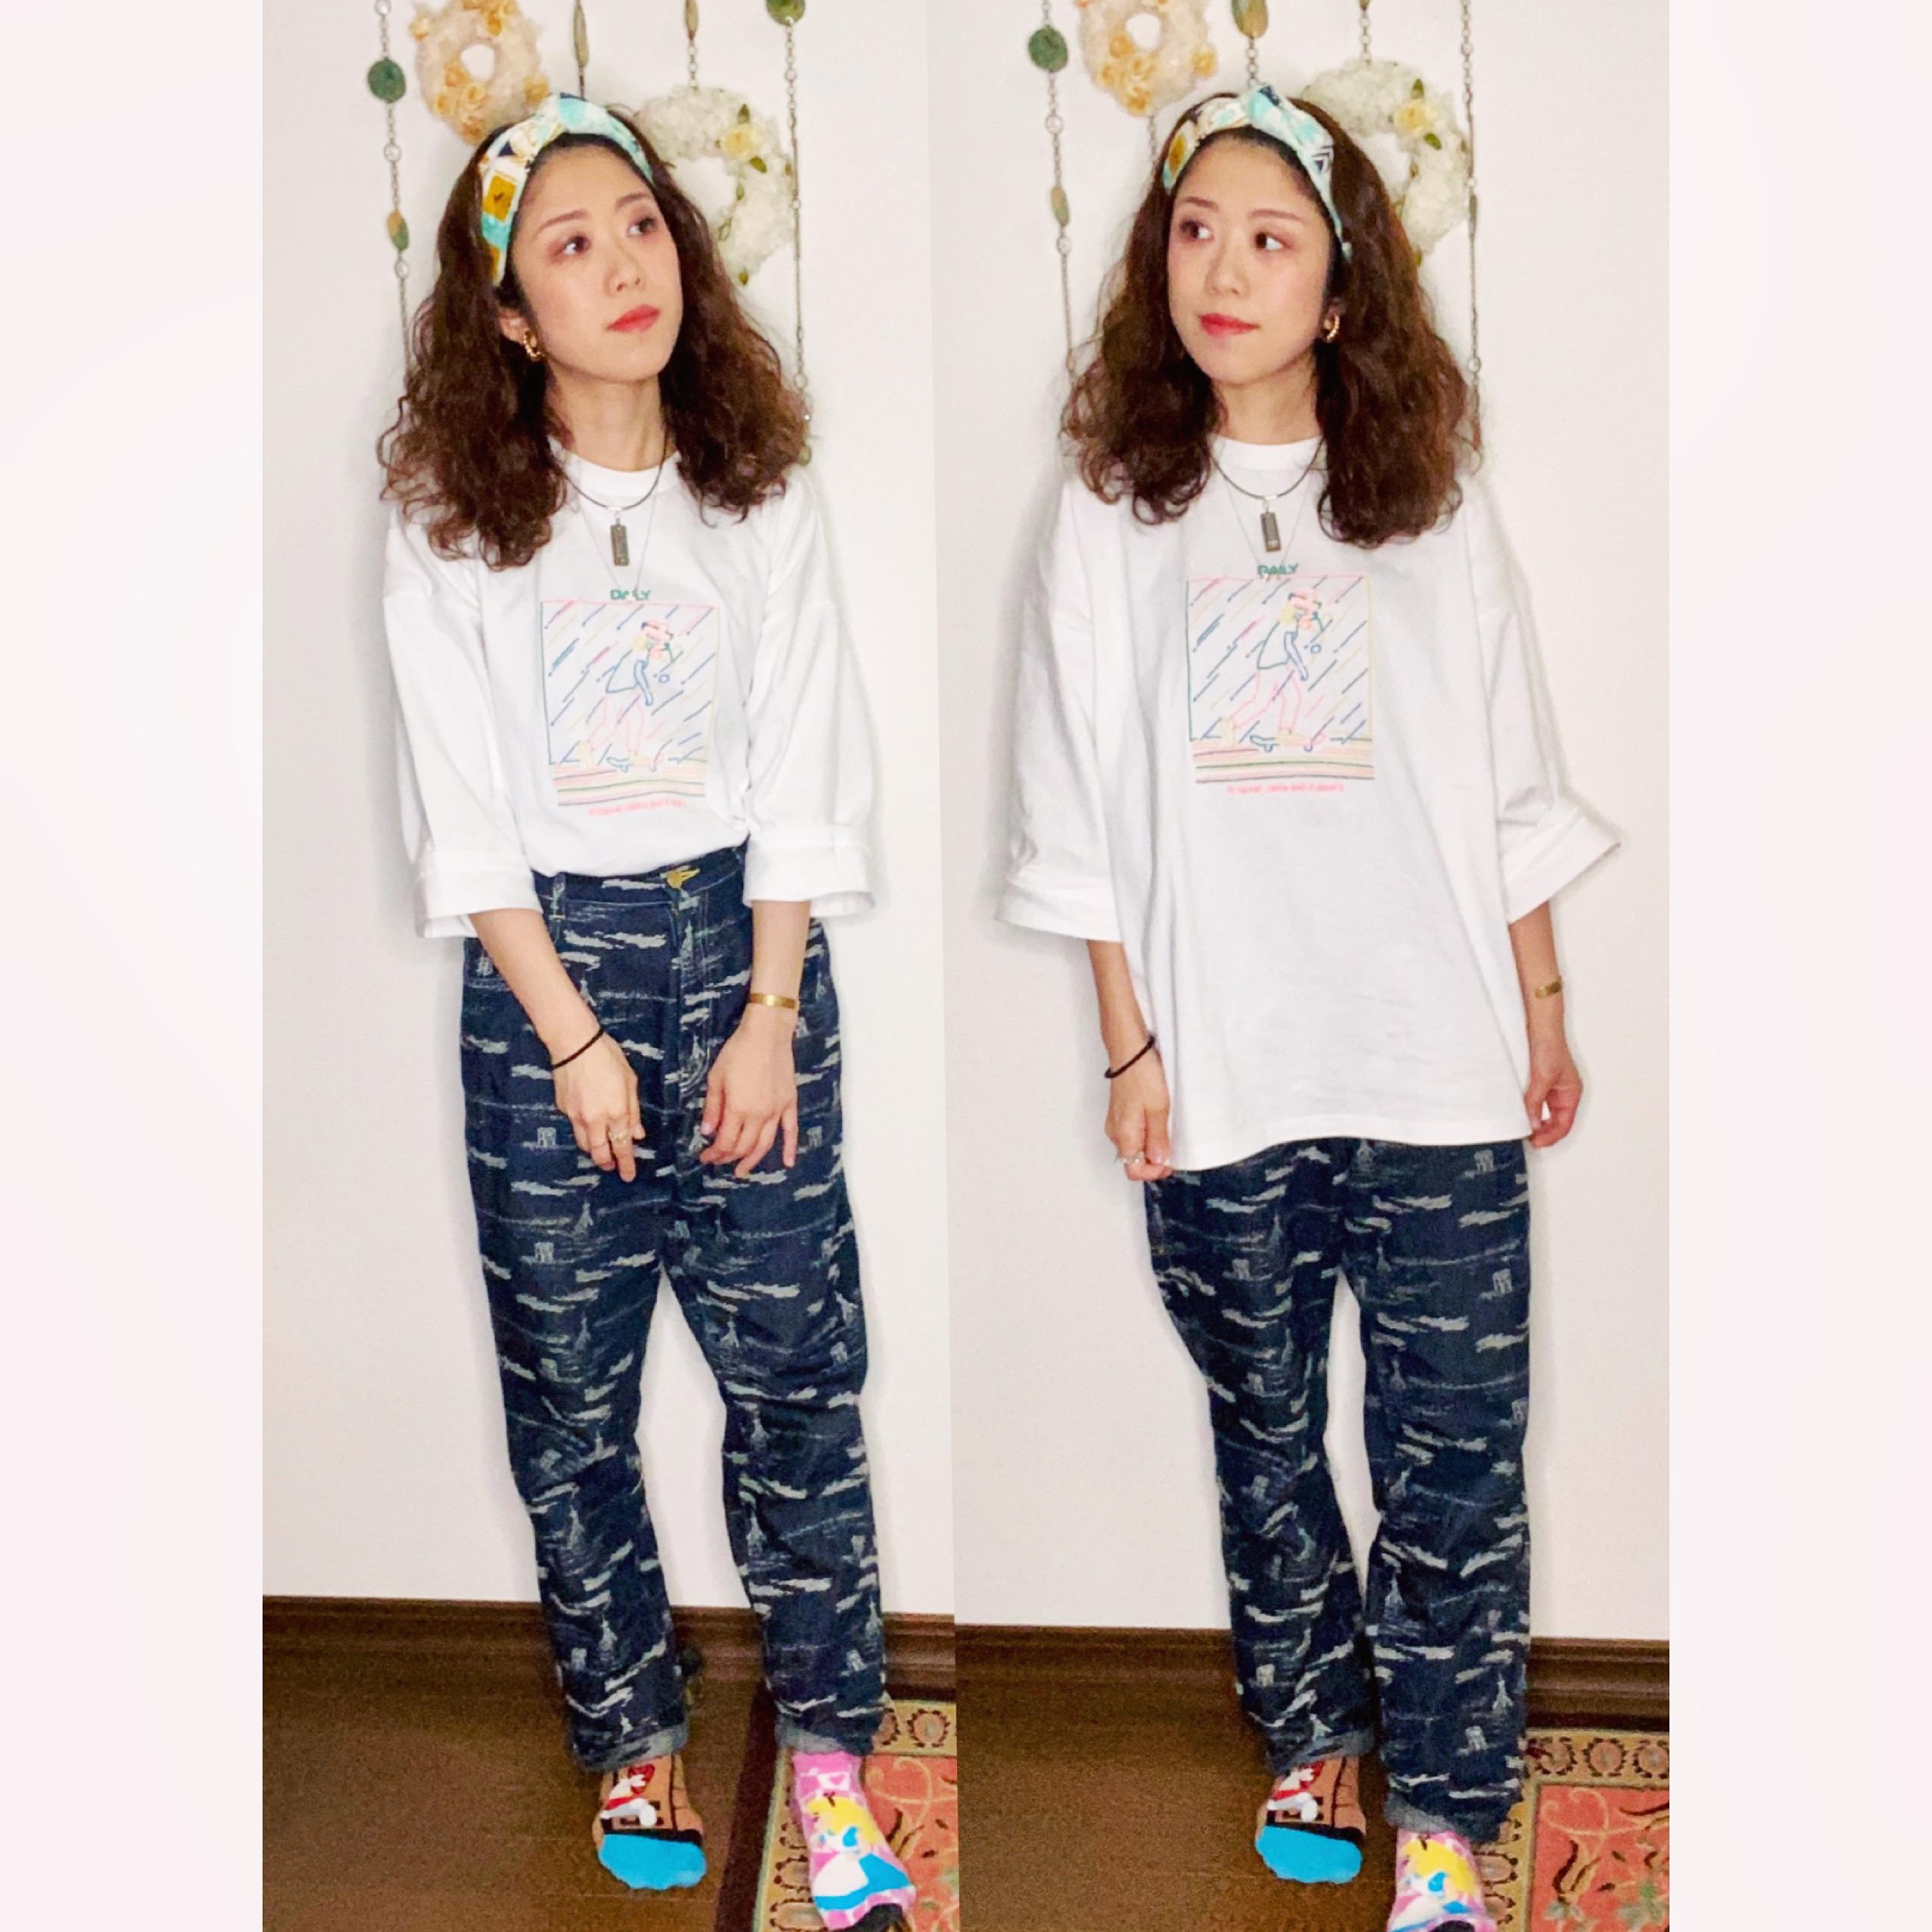 【オンナノコの休日ファッション】2020.8.14【うたうゆきこ】_1